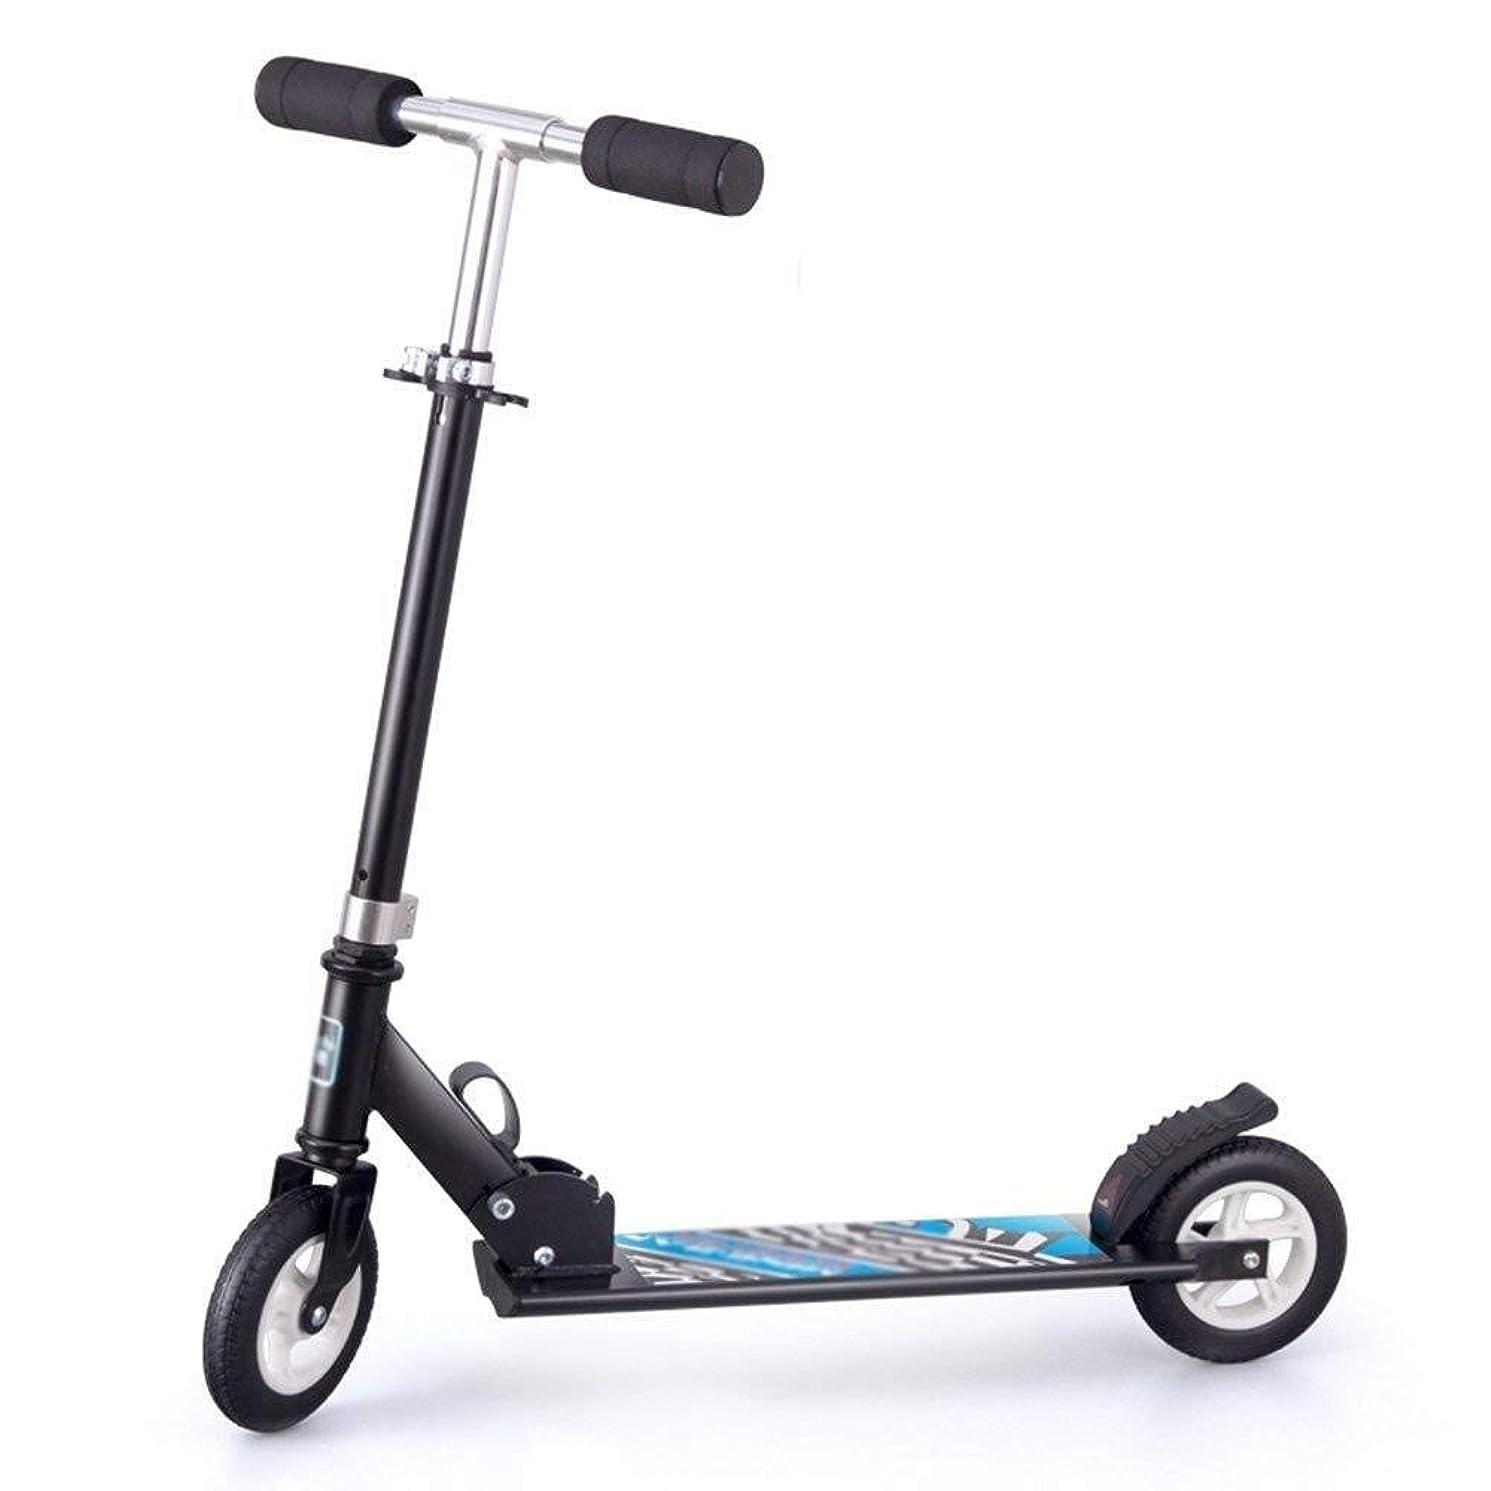 ディンカルビル不愉快強いますHSBAIS 大人のスクーター、スクーター ブレーキ付き 調整可能 折り畳み可能 大人のスクーター 大人向け,black_44x11cm